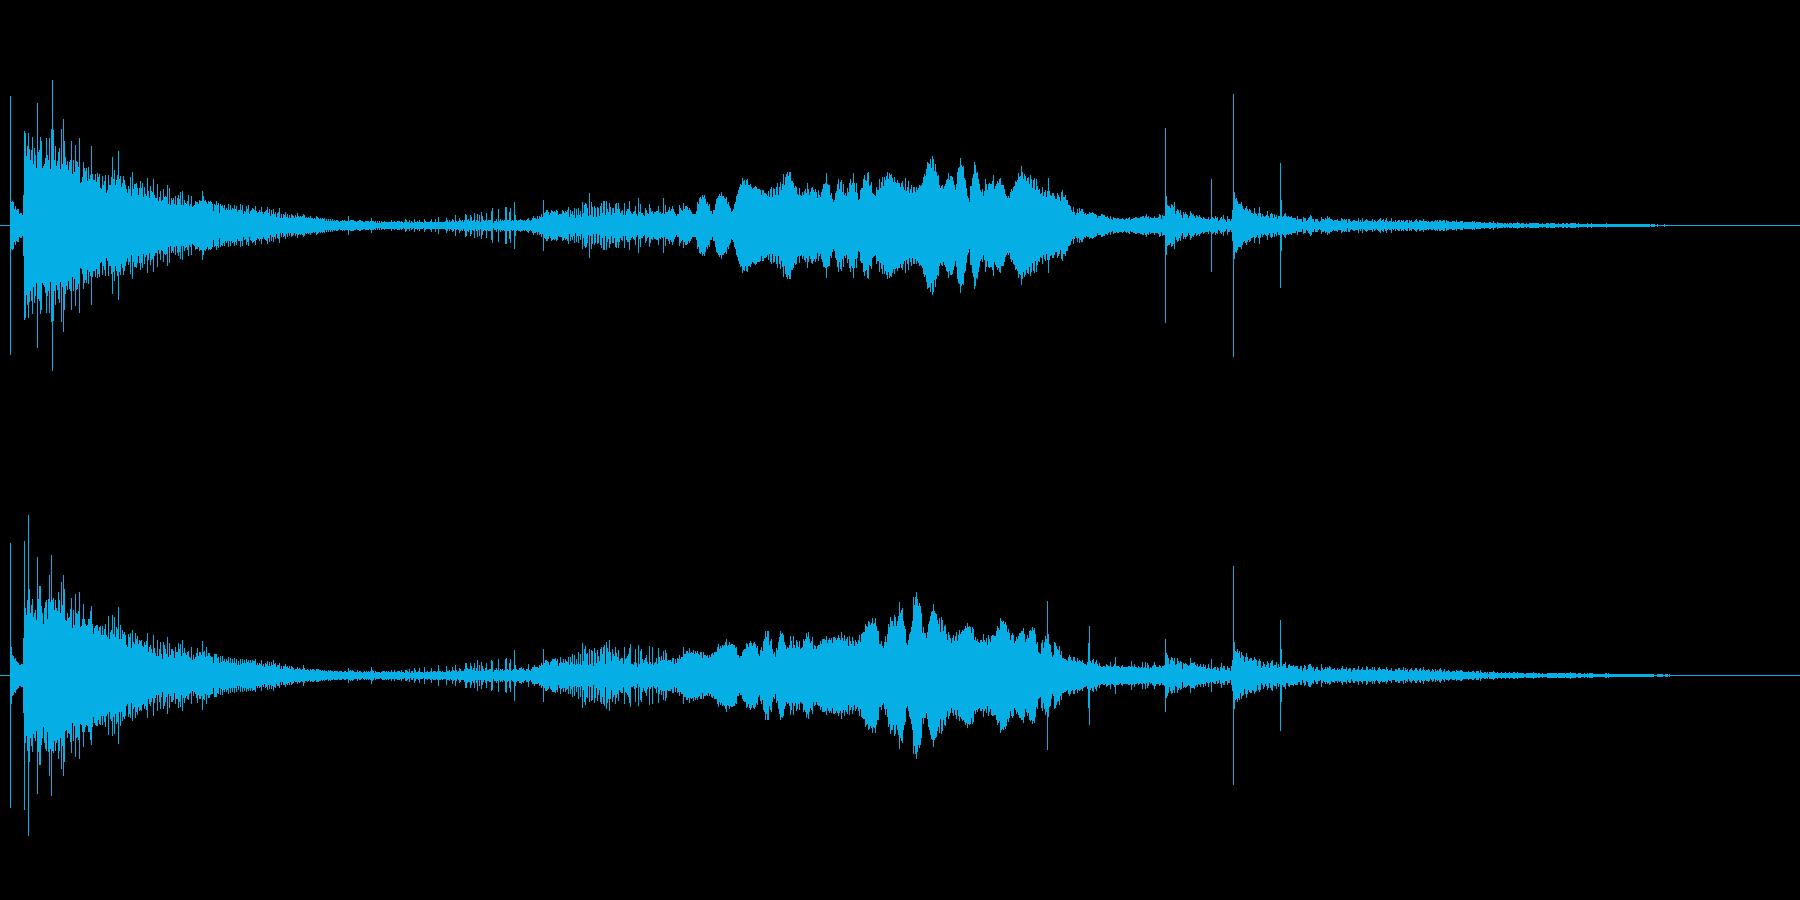 鉄玉が転がるアイキャッチ音の再生済みの波形